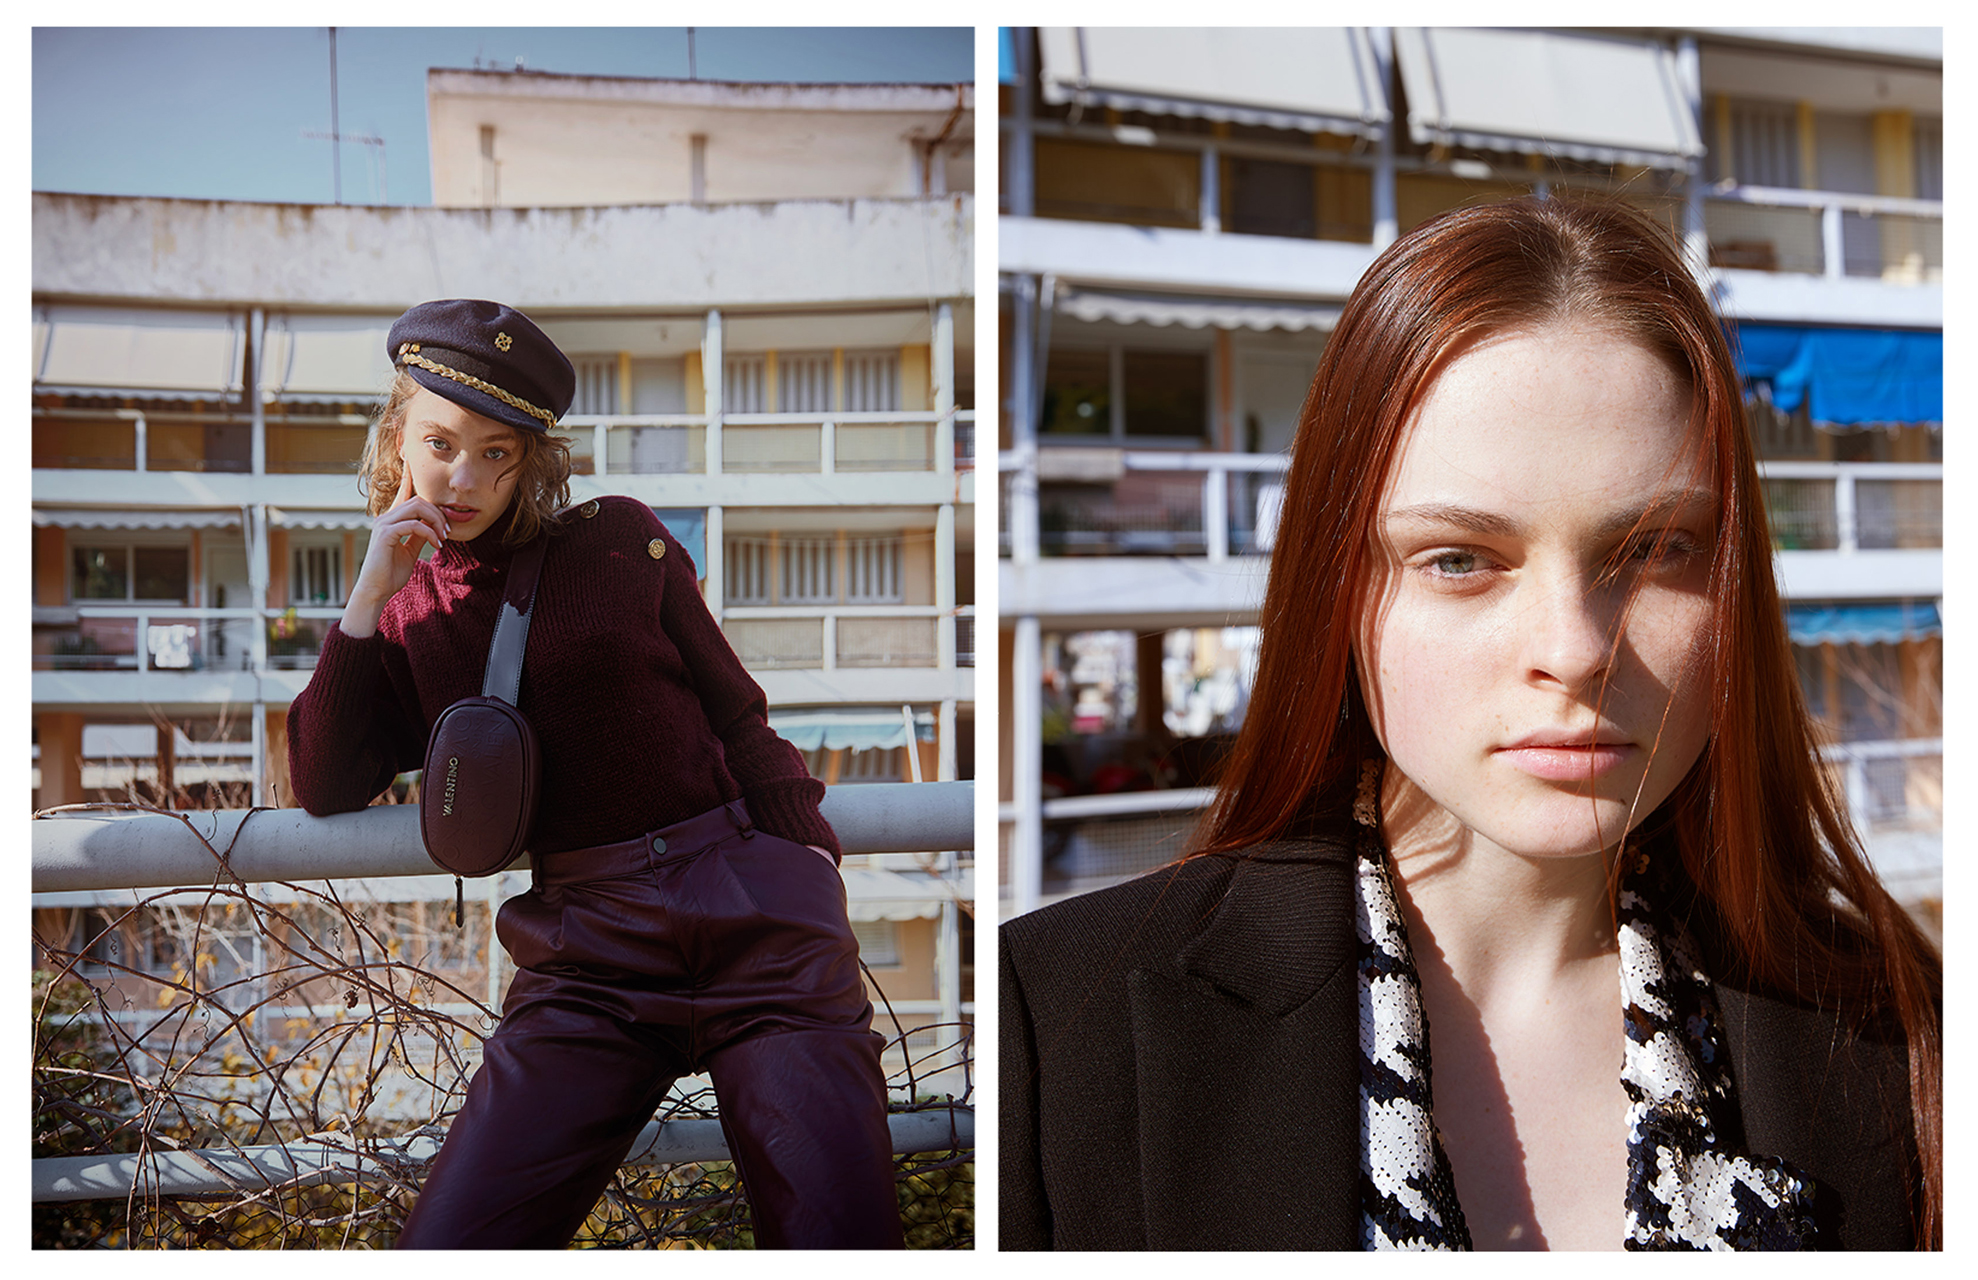 Madi Blitek and Amalia Evstratova for Mirror